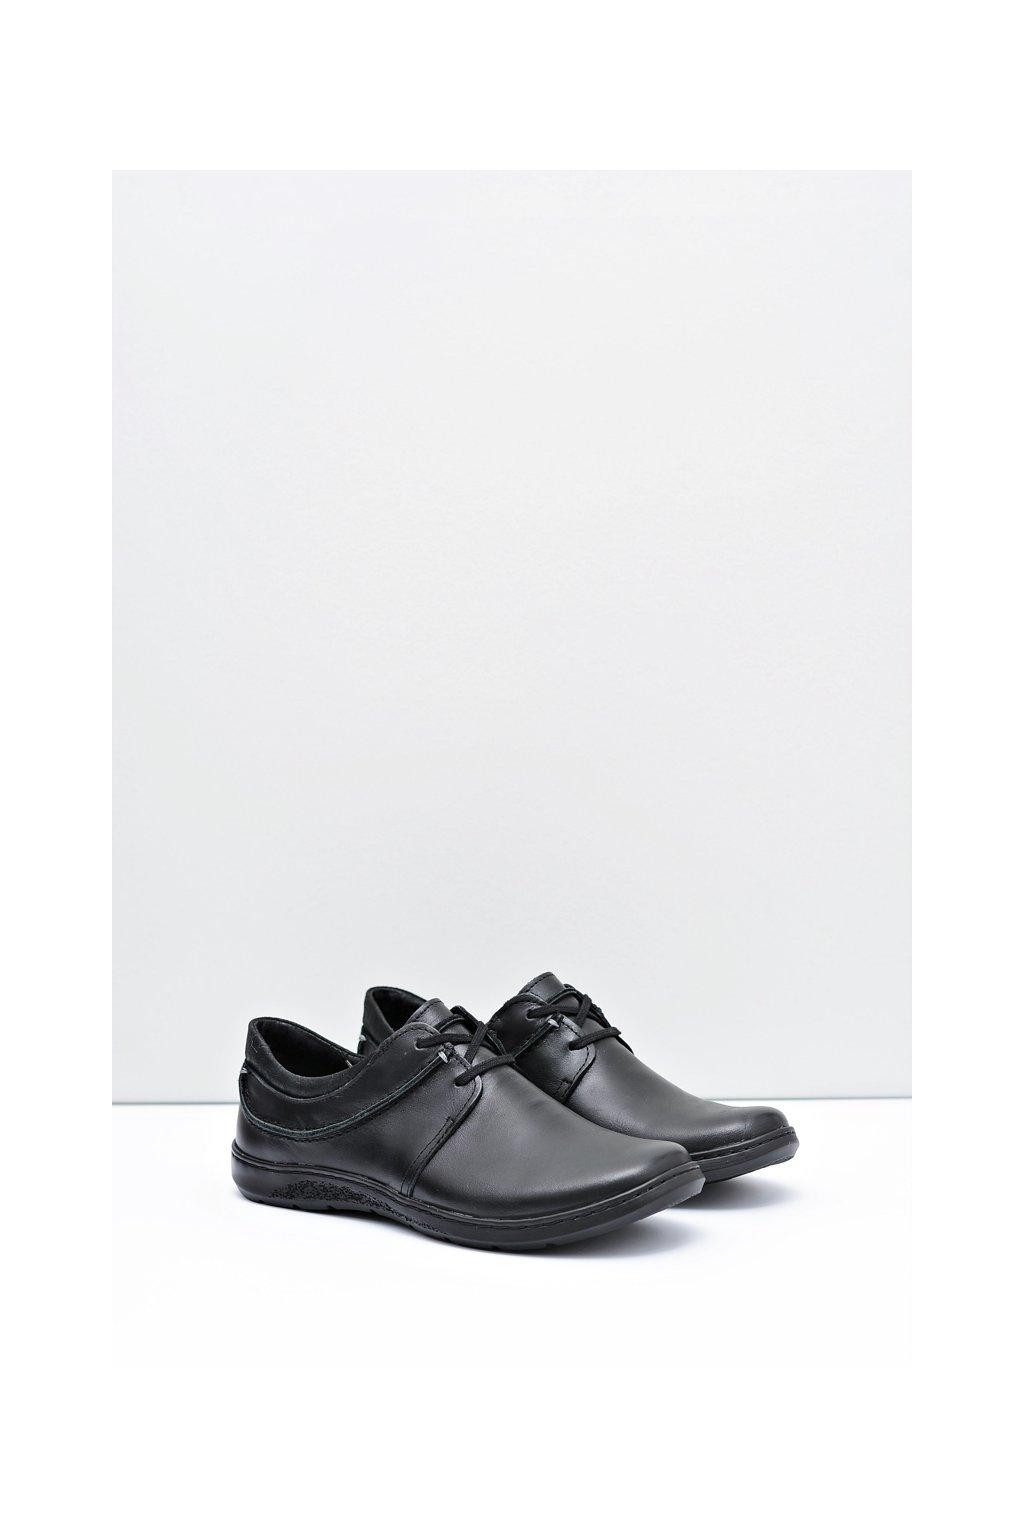 Bežecká obuv pánska moderná koža Fuego